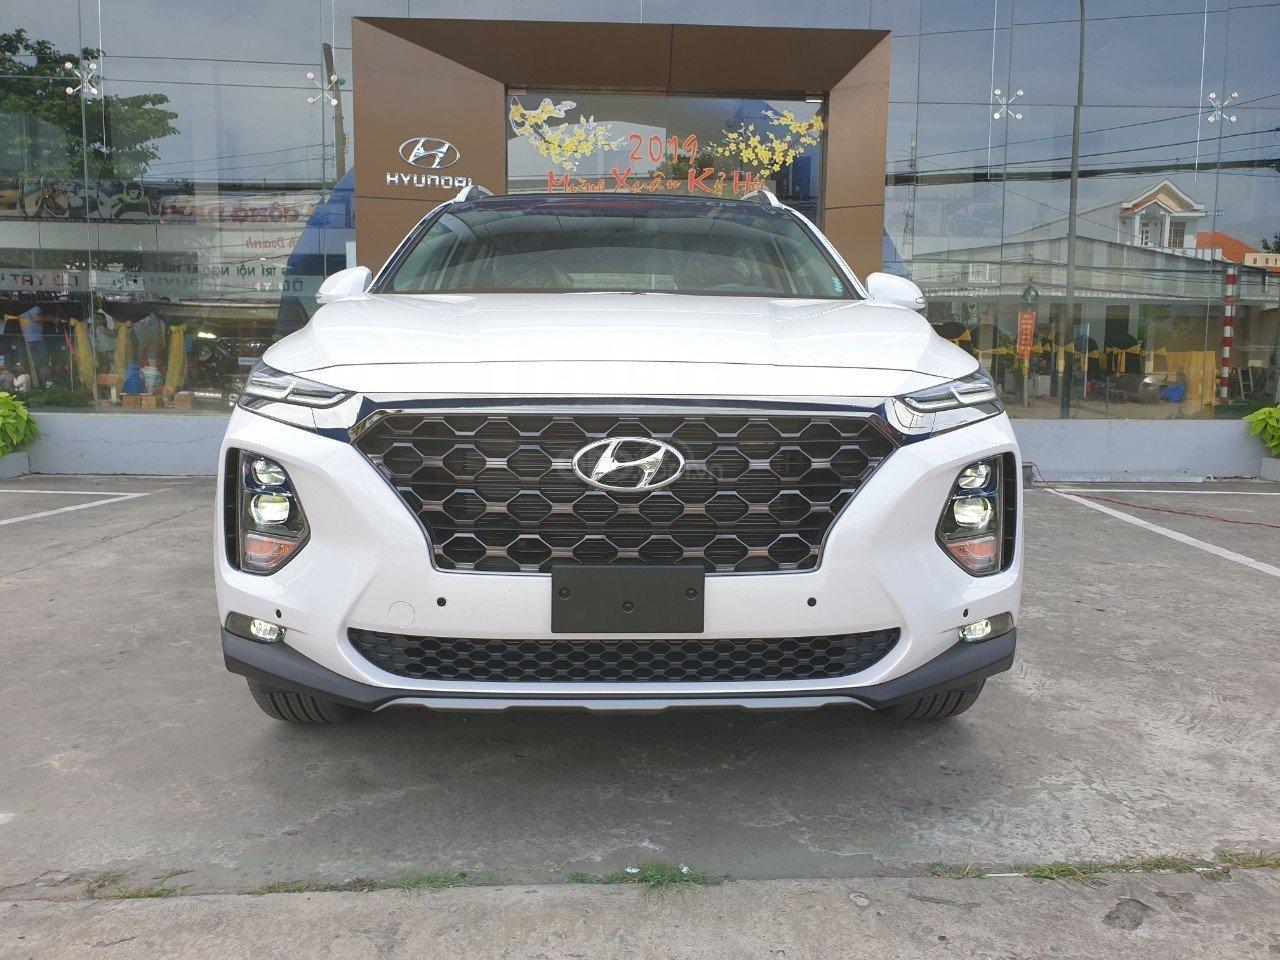 Hyundai Santa Fe 2019 biển số ngũ quý 5 được rao bán với giá gấp đôi a2